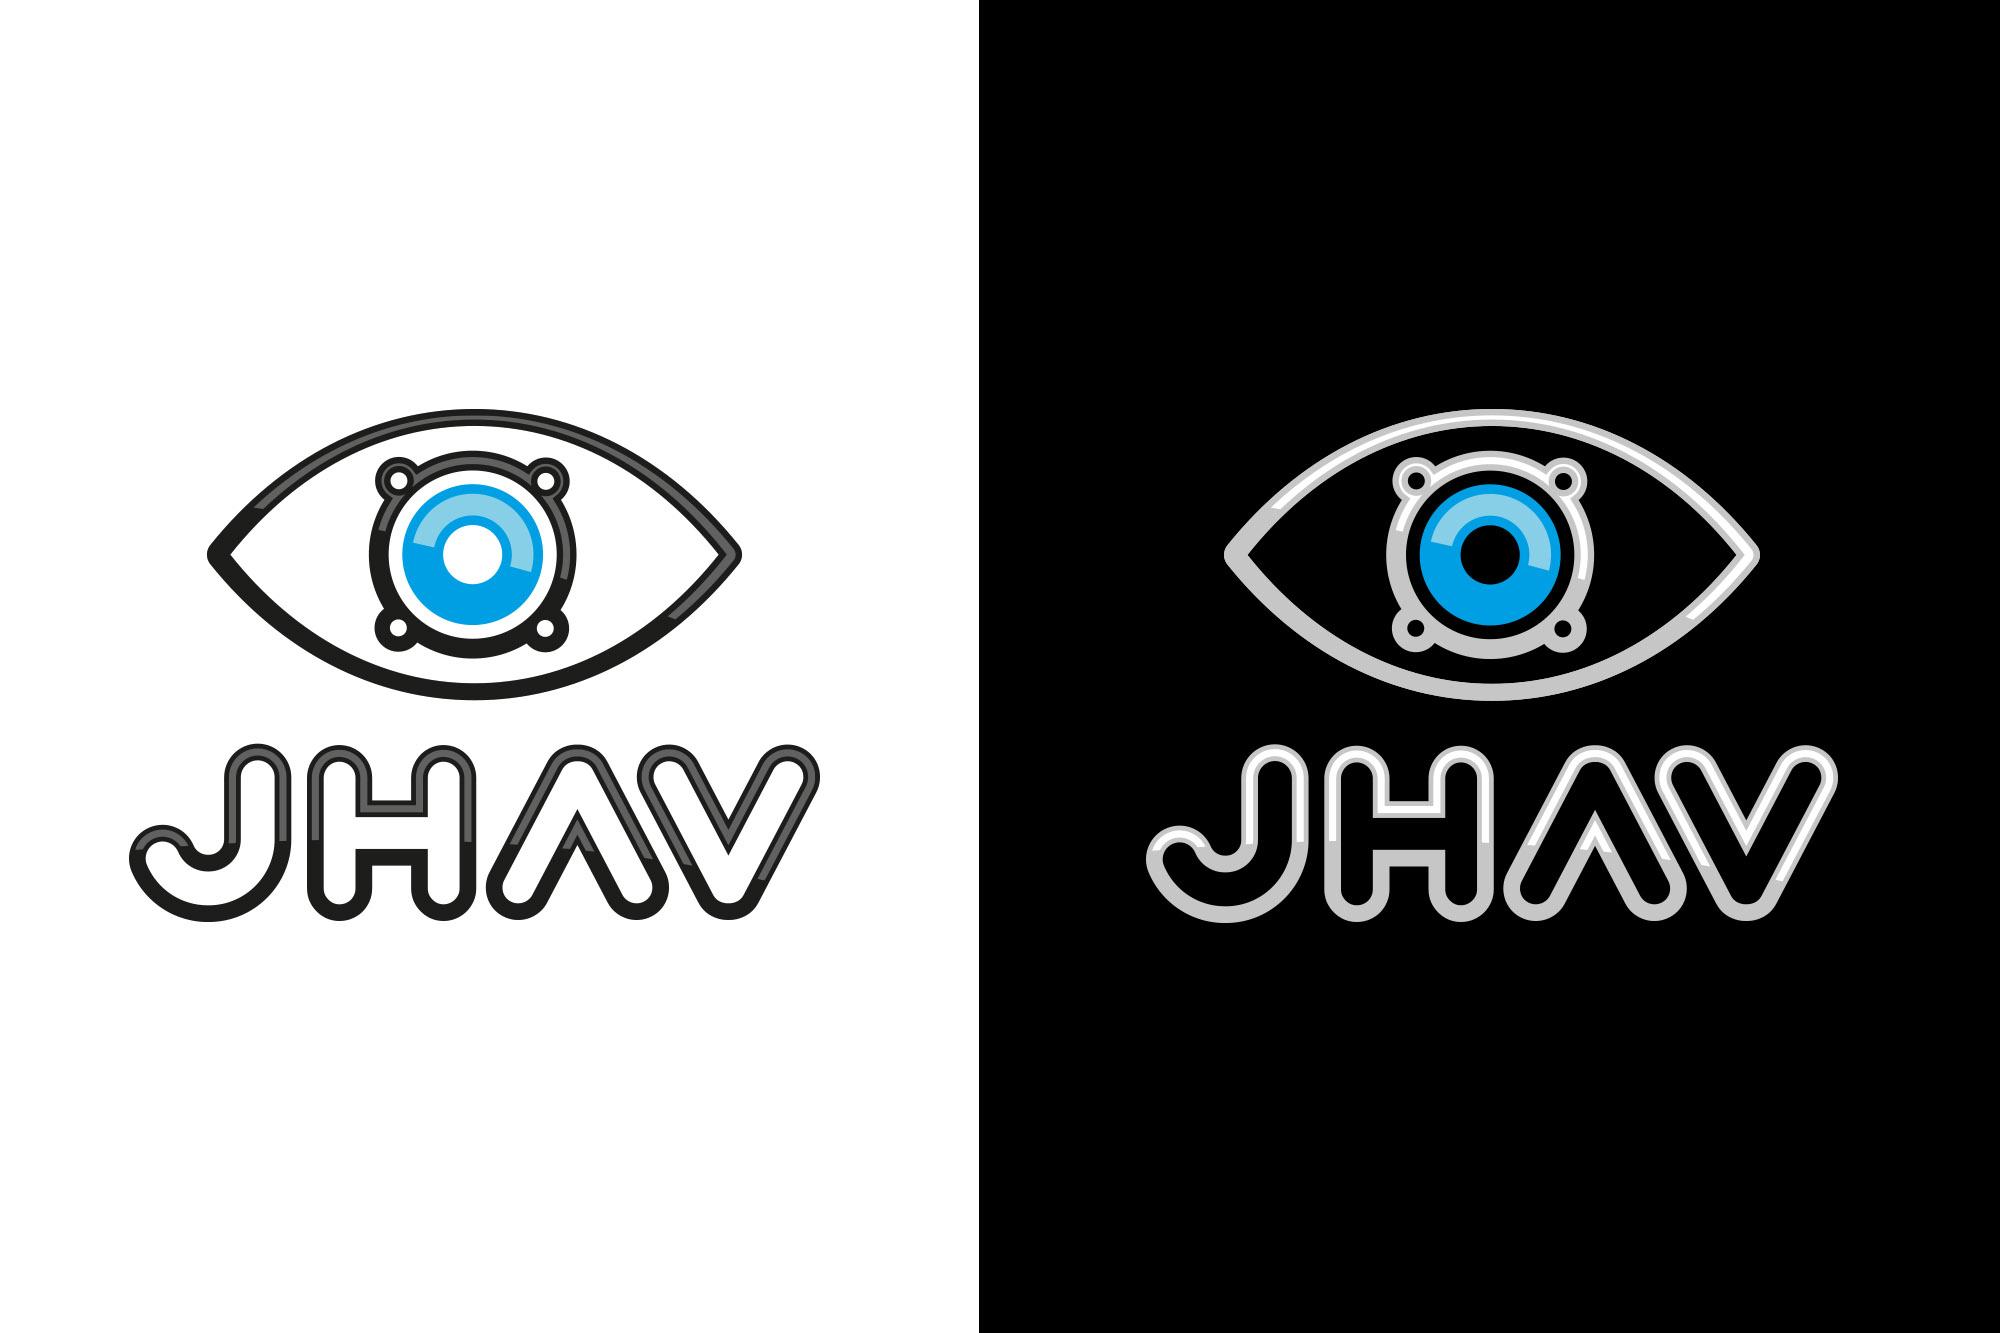 jhav01.jpg